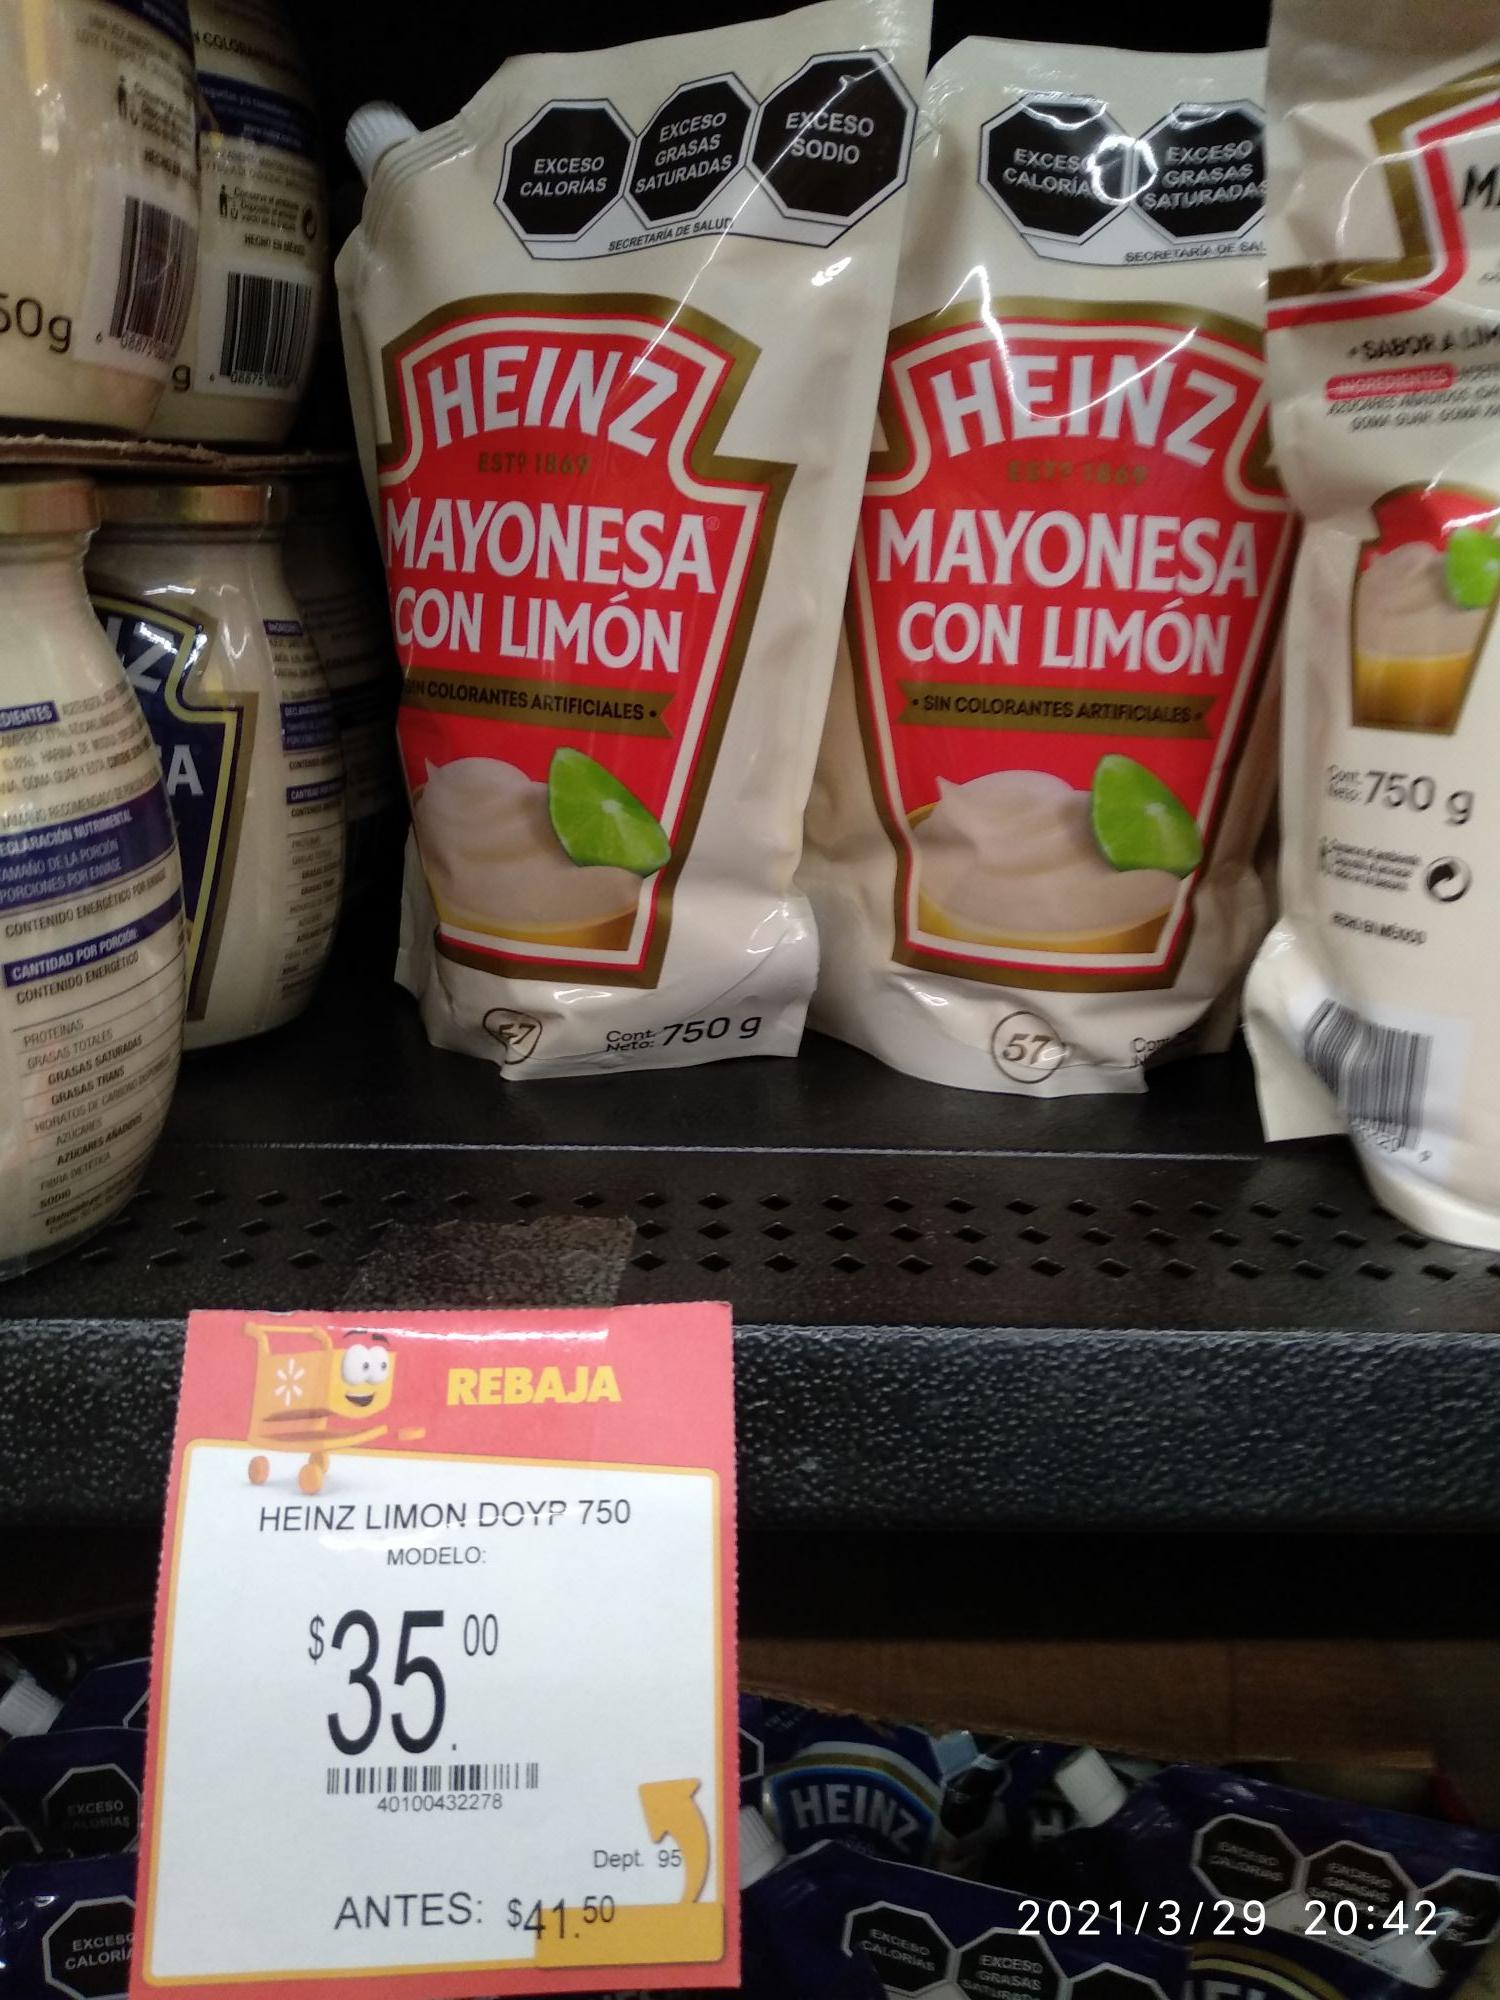 Heinz mayonesa - Walmart outlet lerma